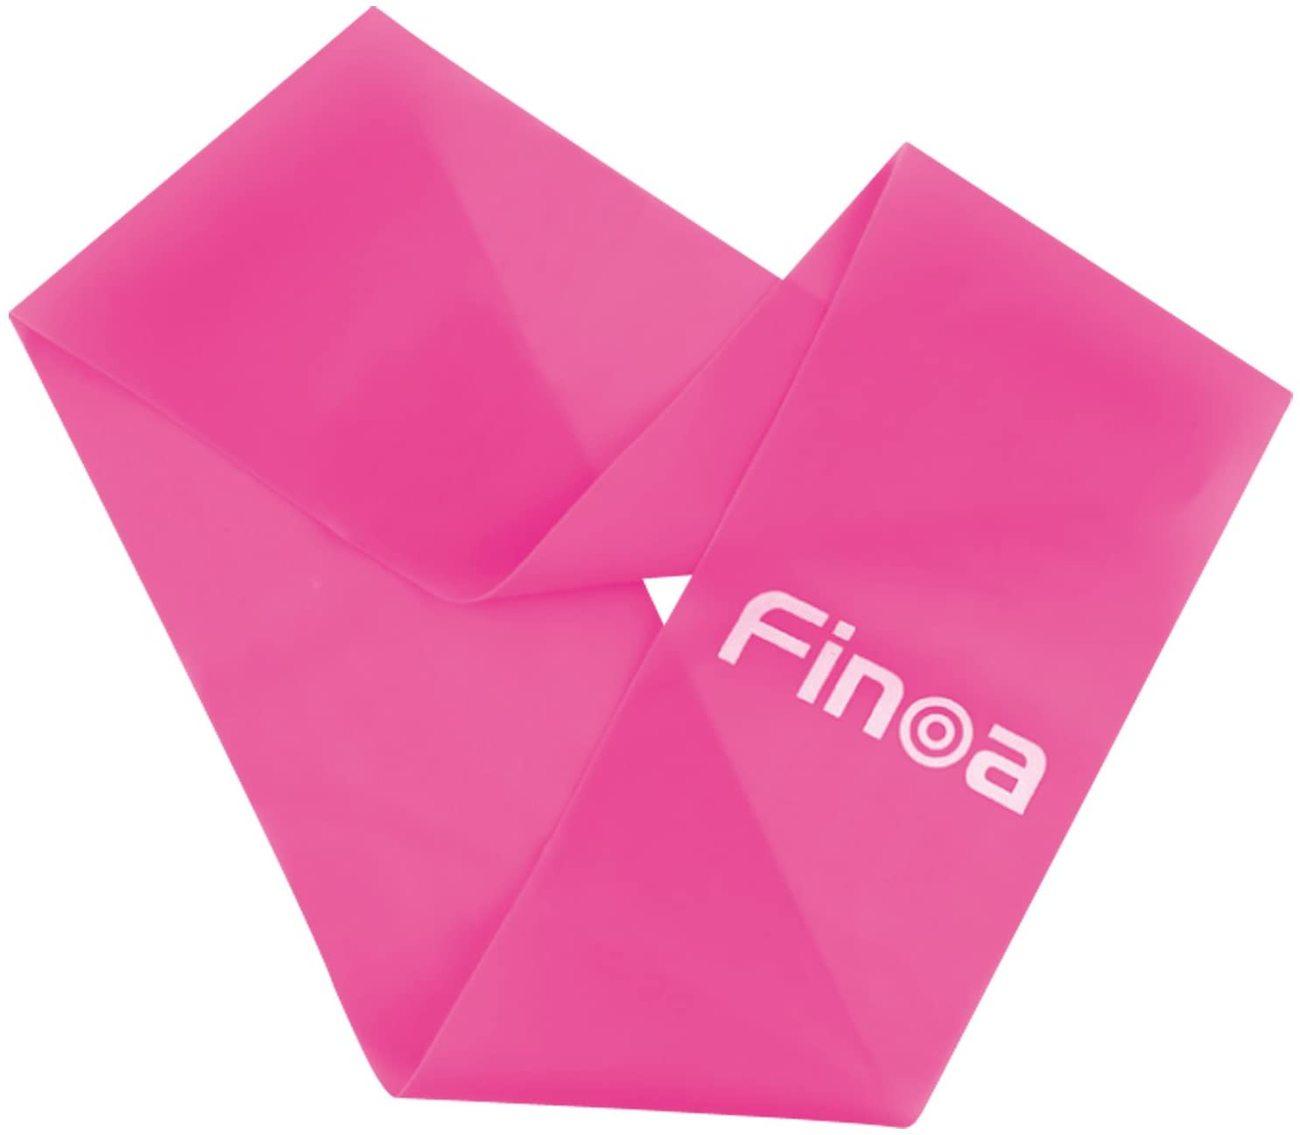 Finoaフィットネストレーニングチューブ